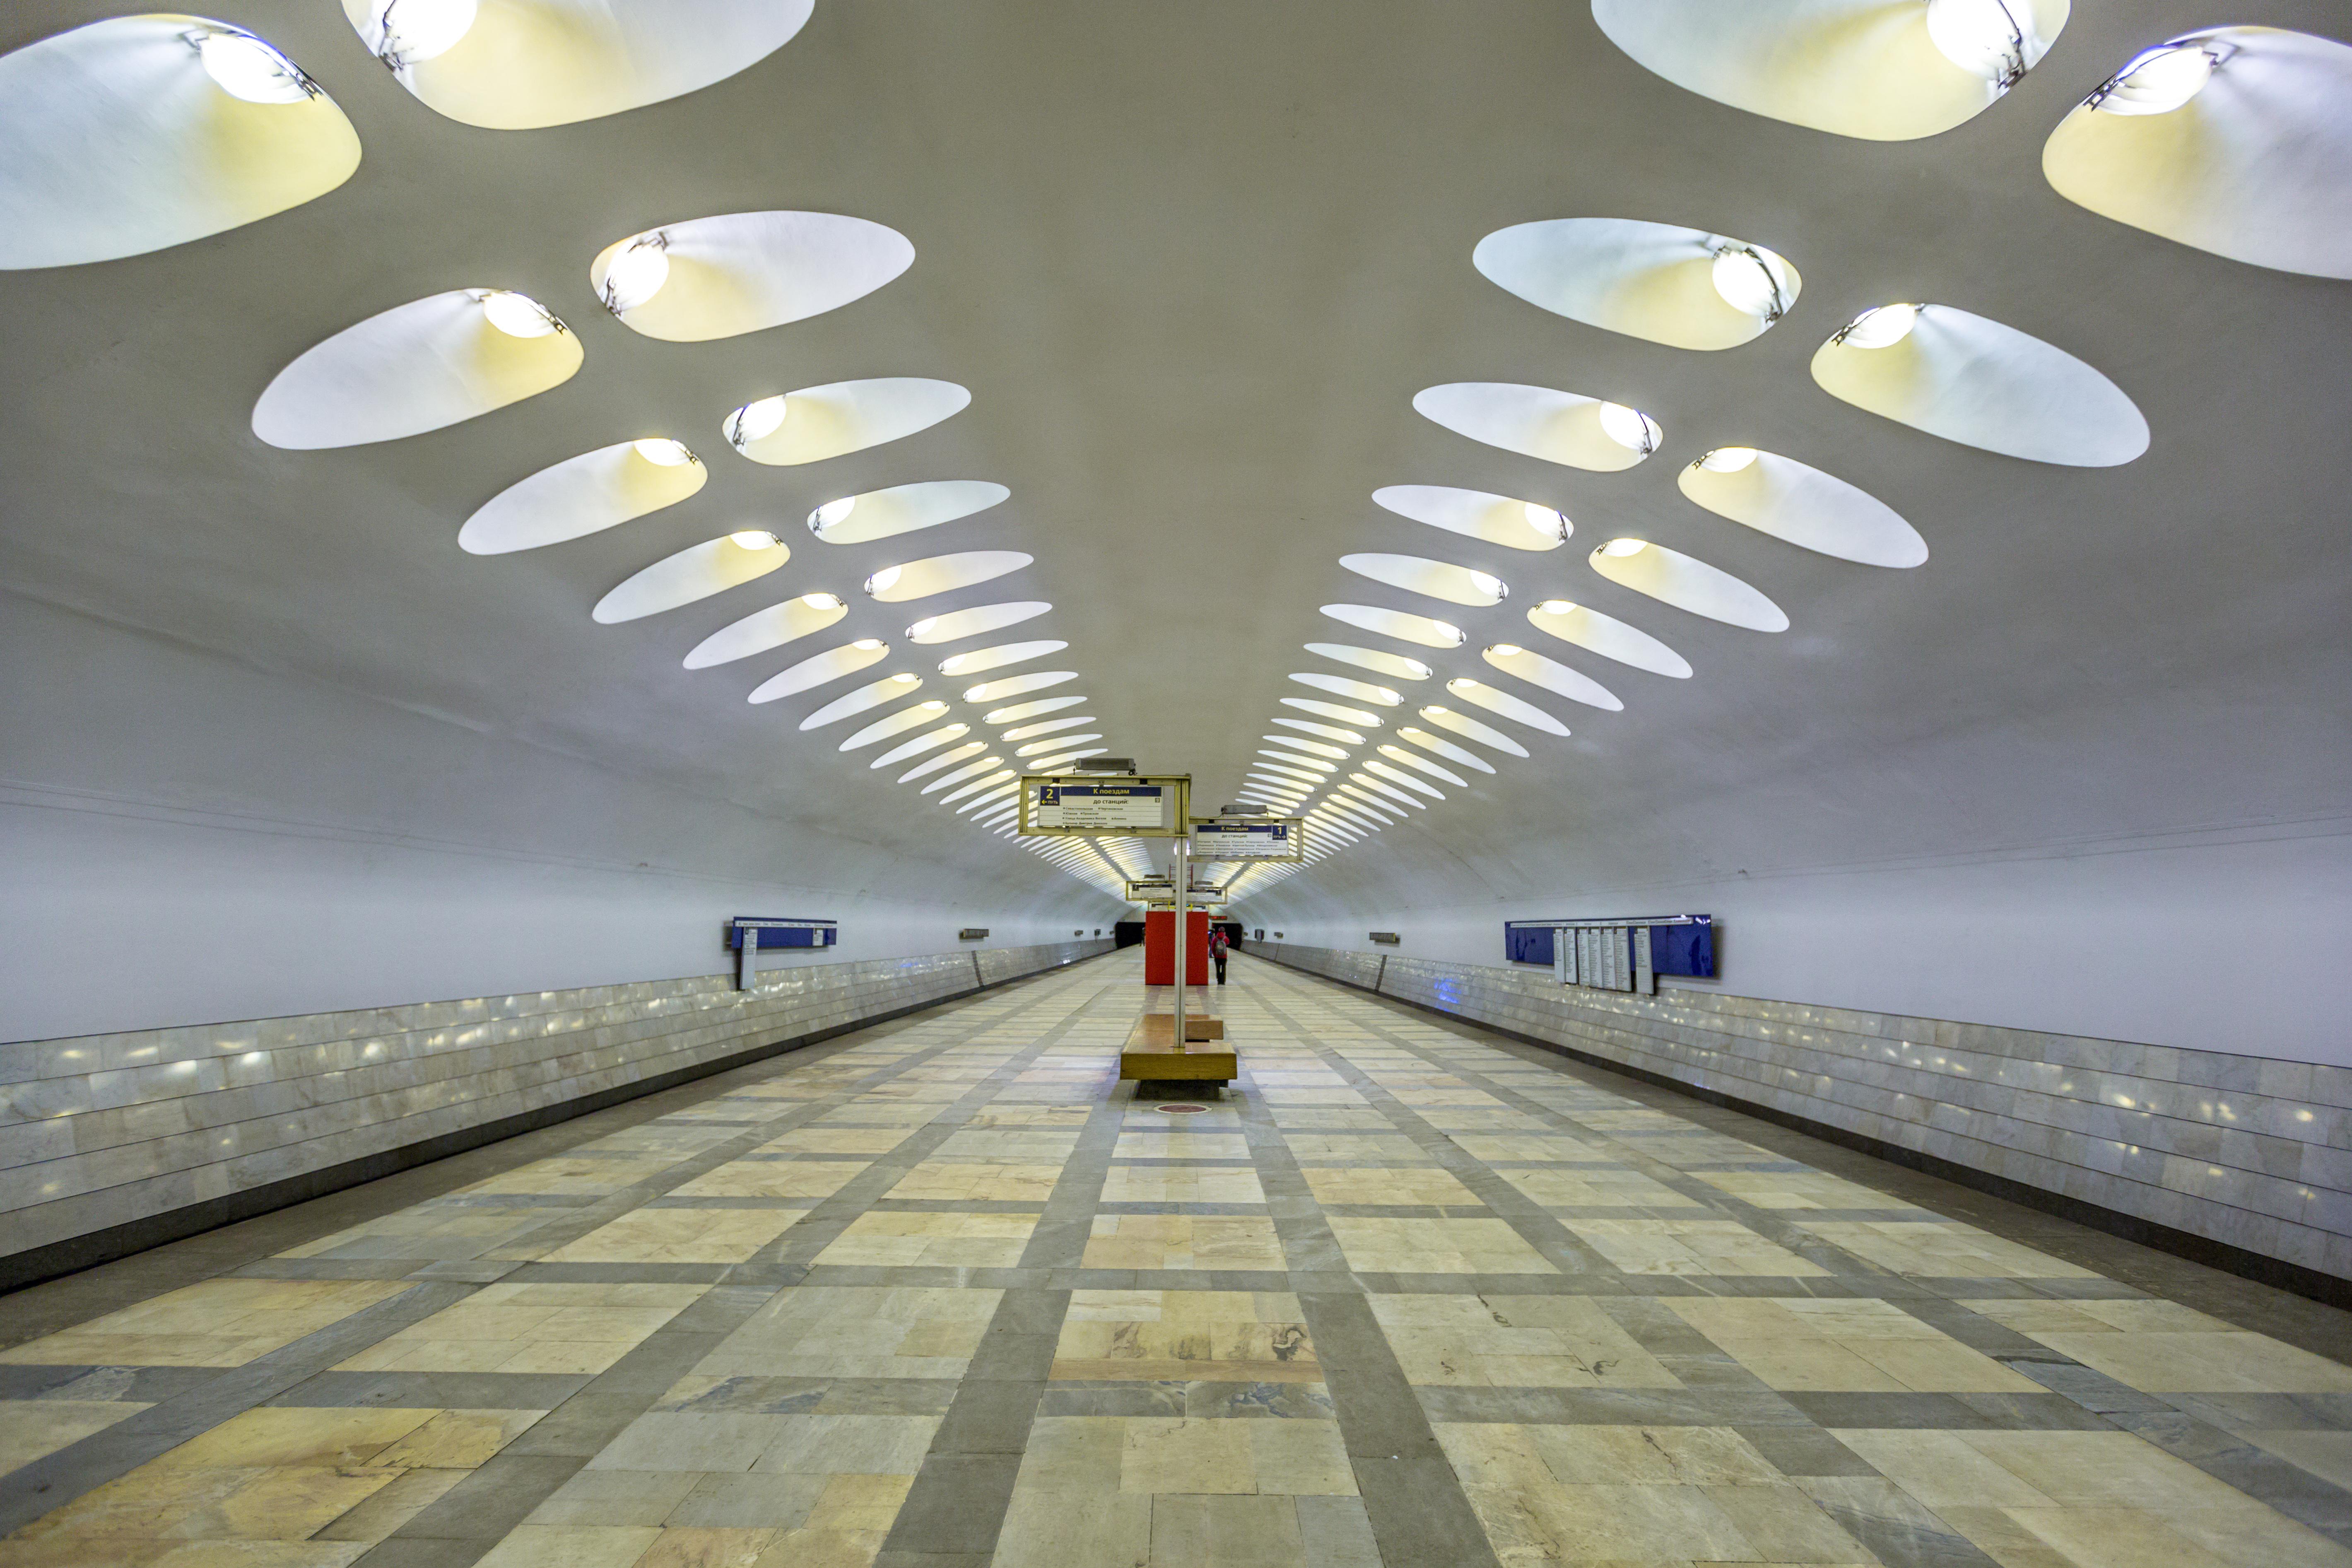 непрошенного метро московский проспект картинки высшее психологическое